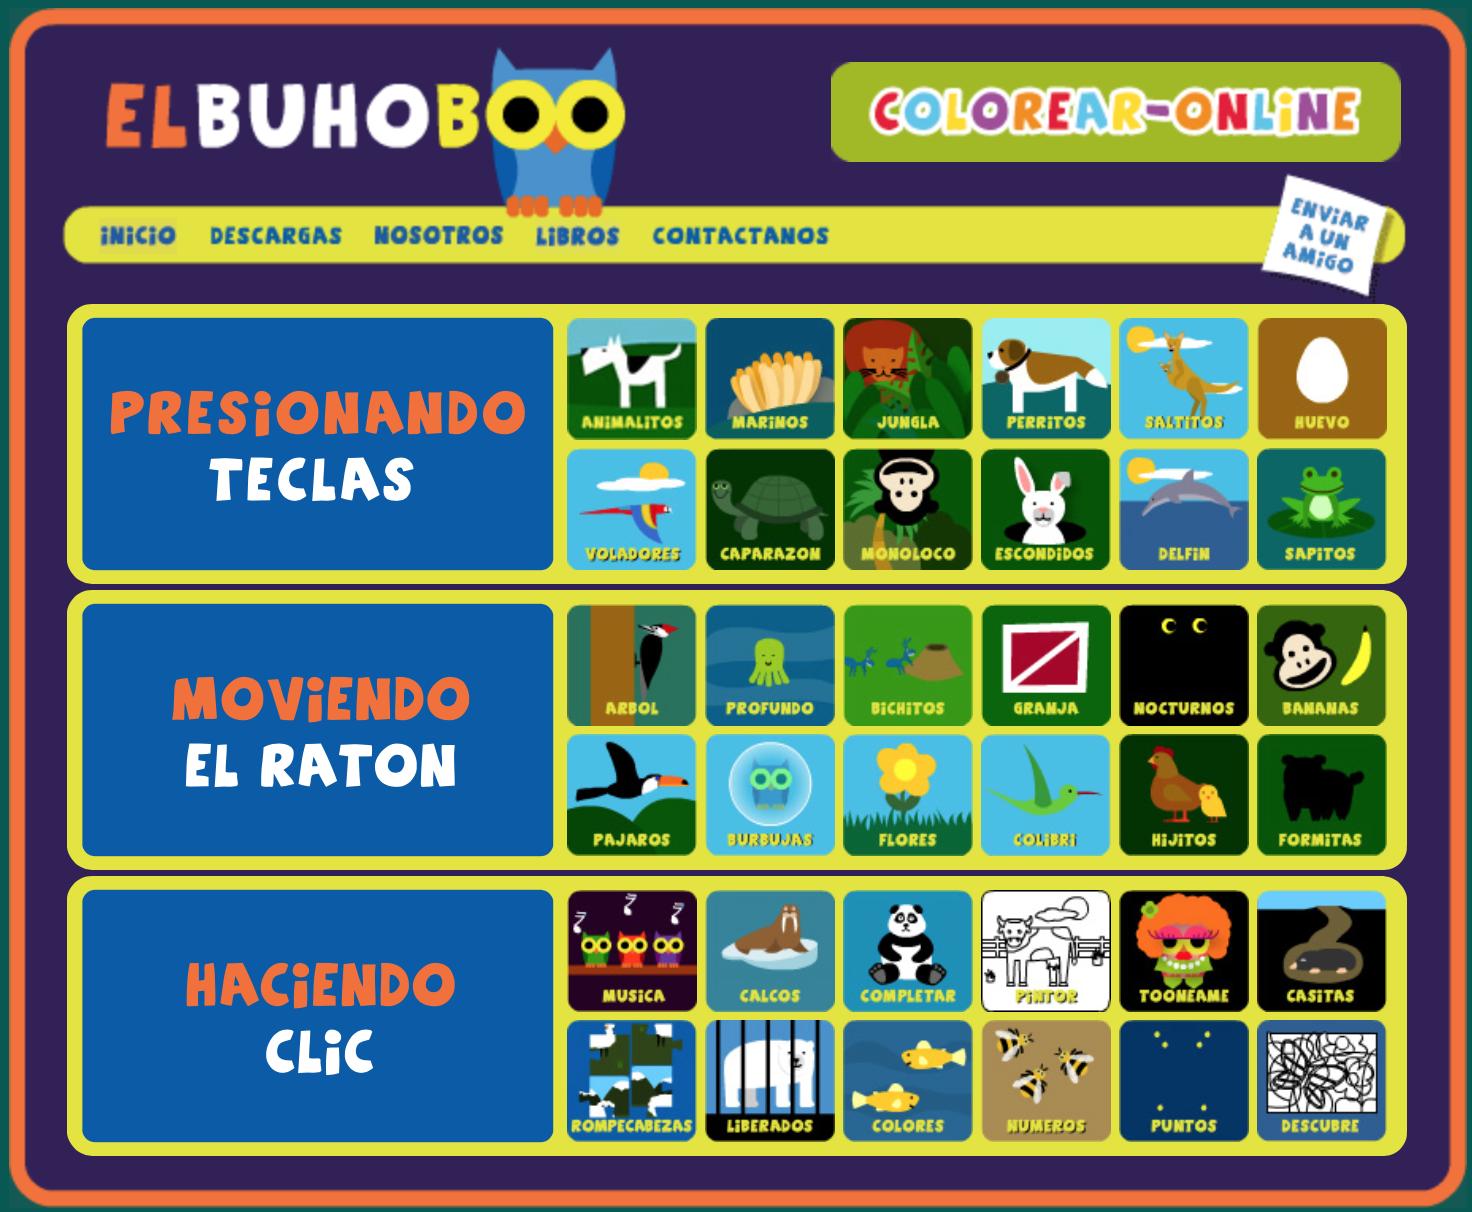 BuhoBoo